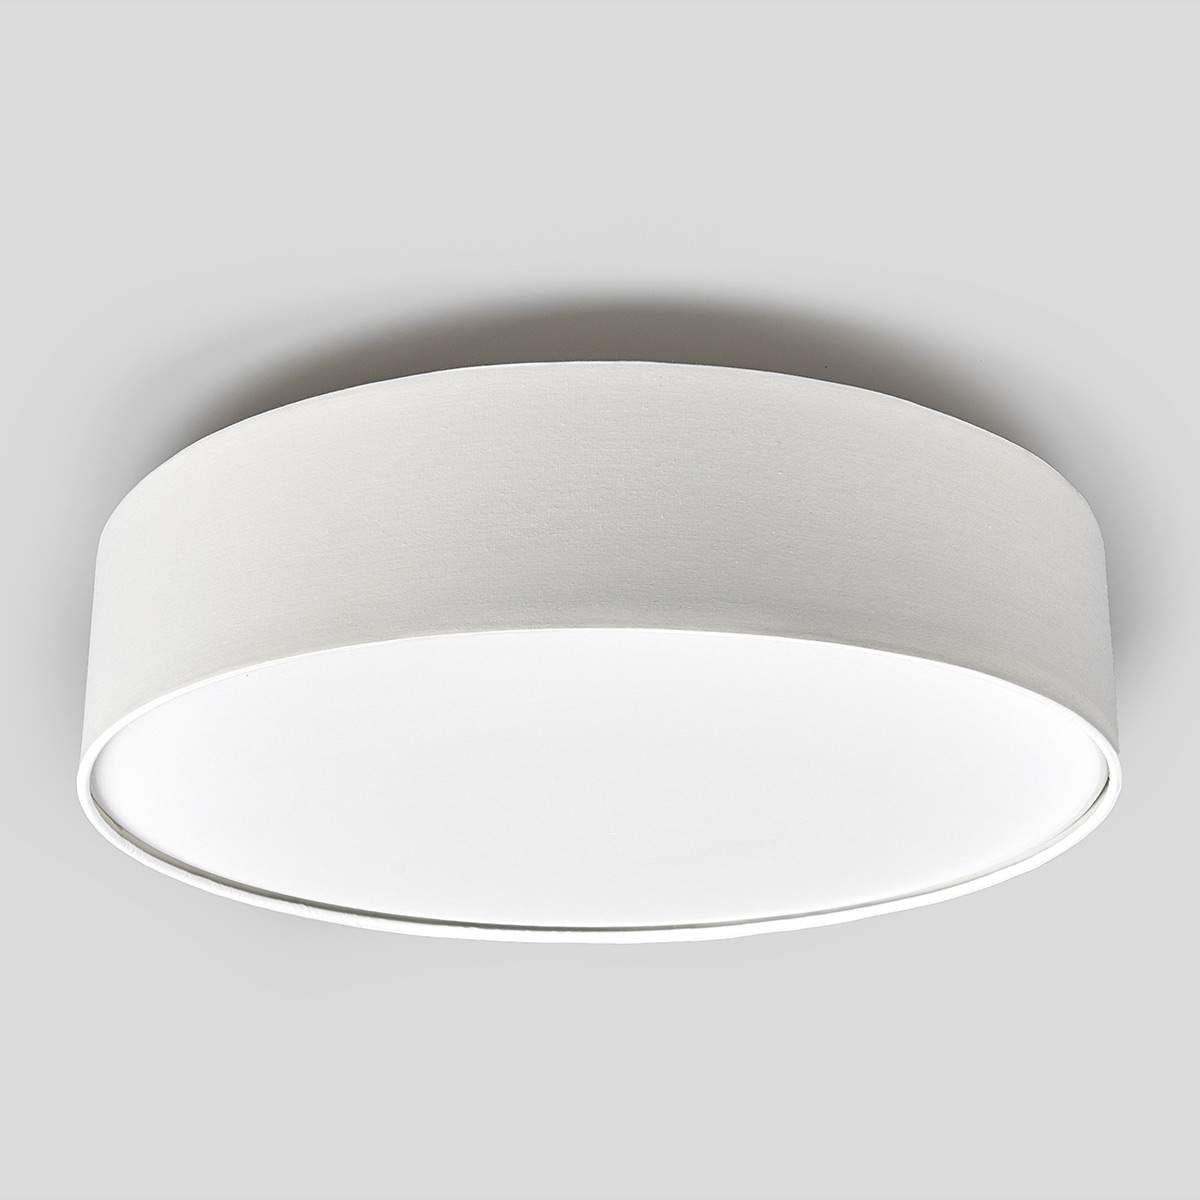 Designer Lampen Günstig Deckenleuchte Flach Design — Rulmeca Germany